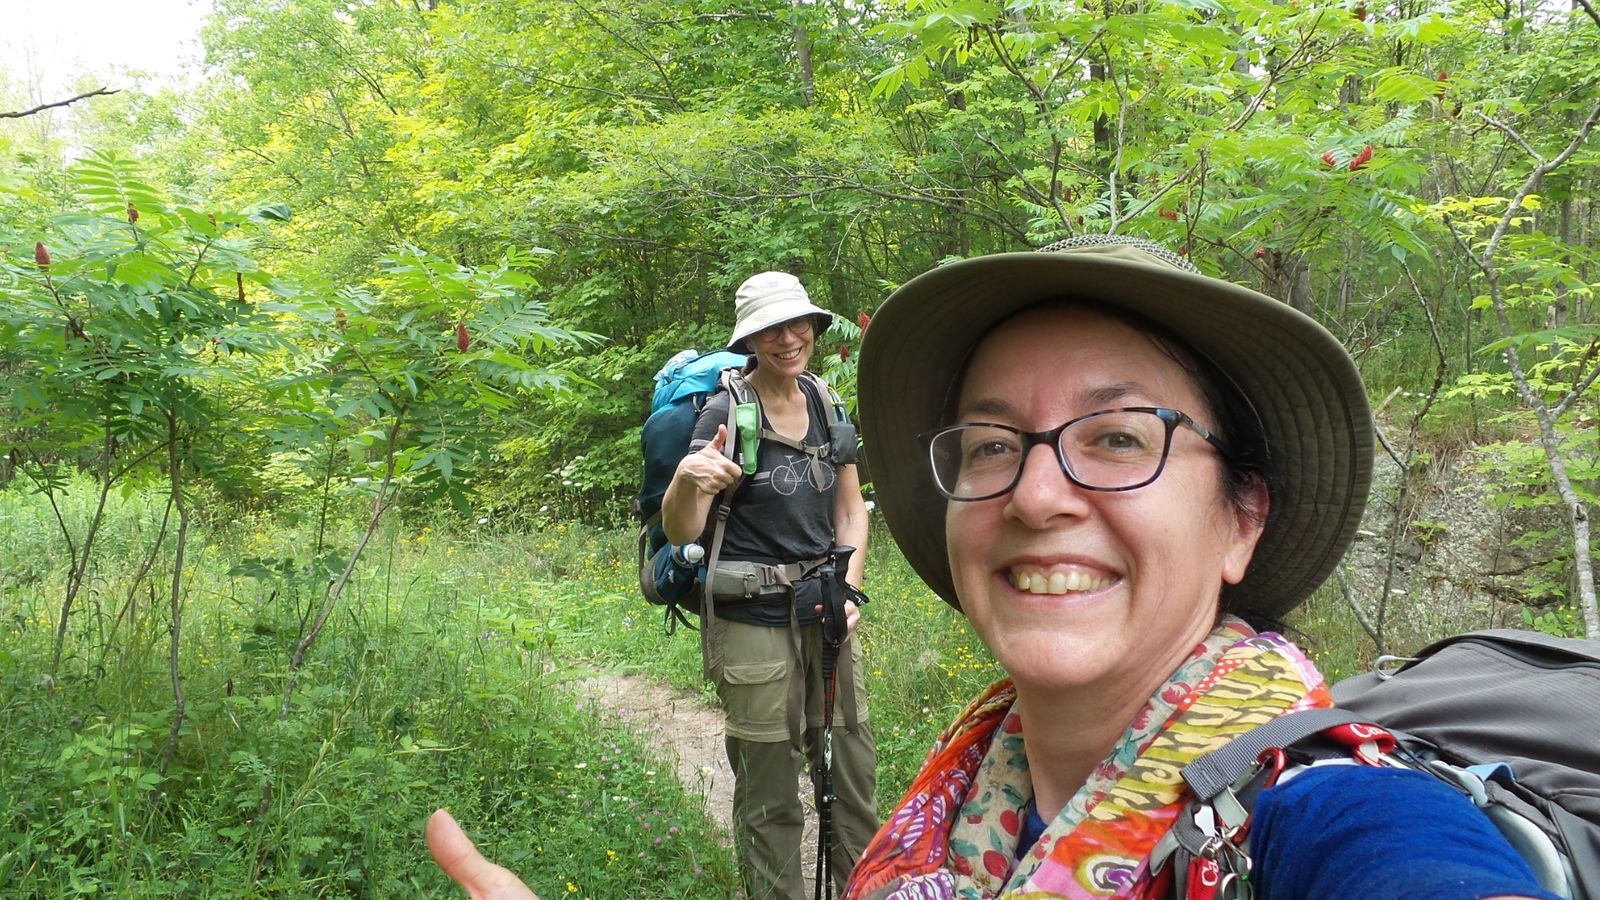 15 h: Fin de la randonnée!